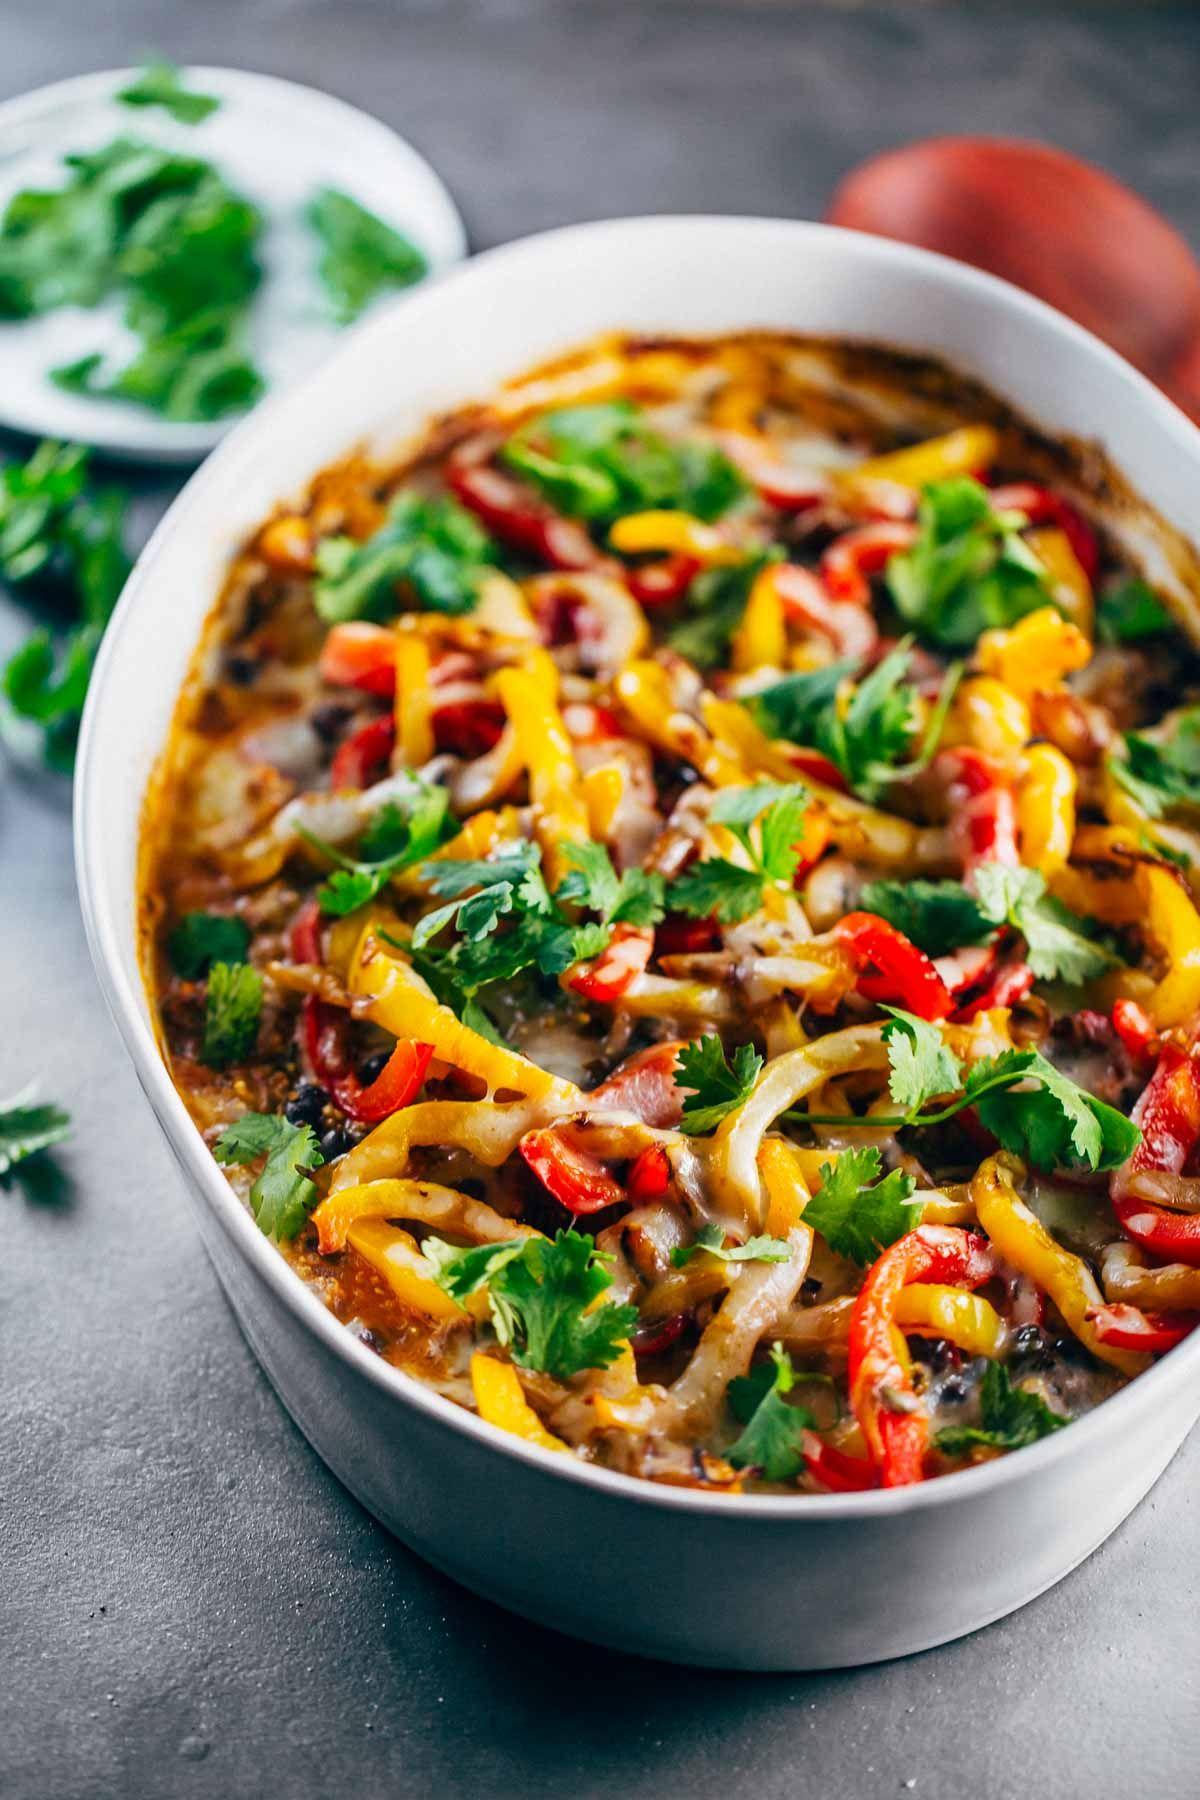 Easy healthy casserole recipes chicken